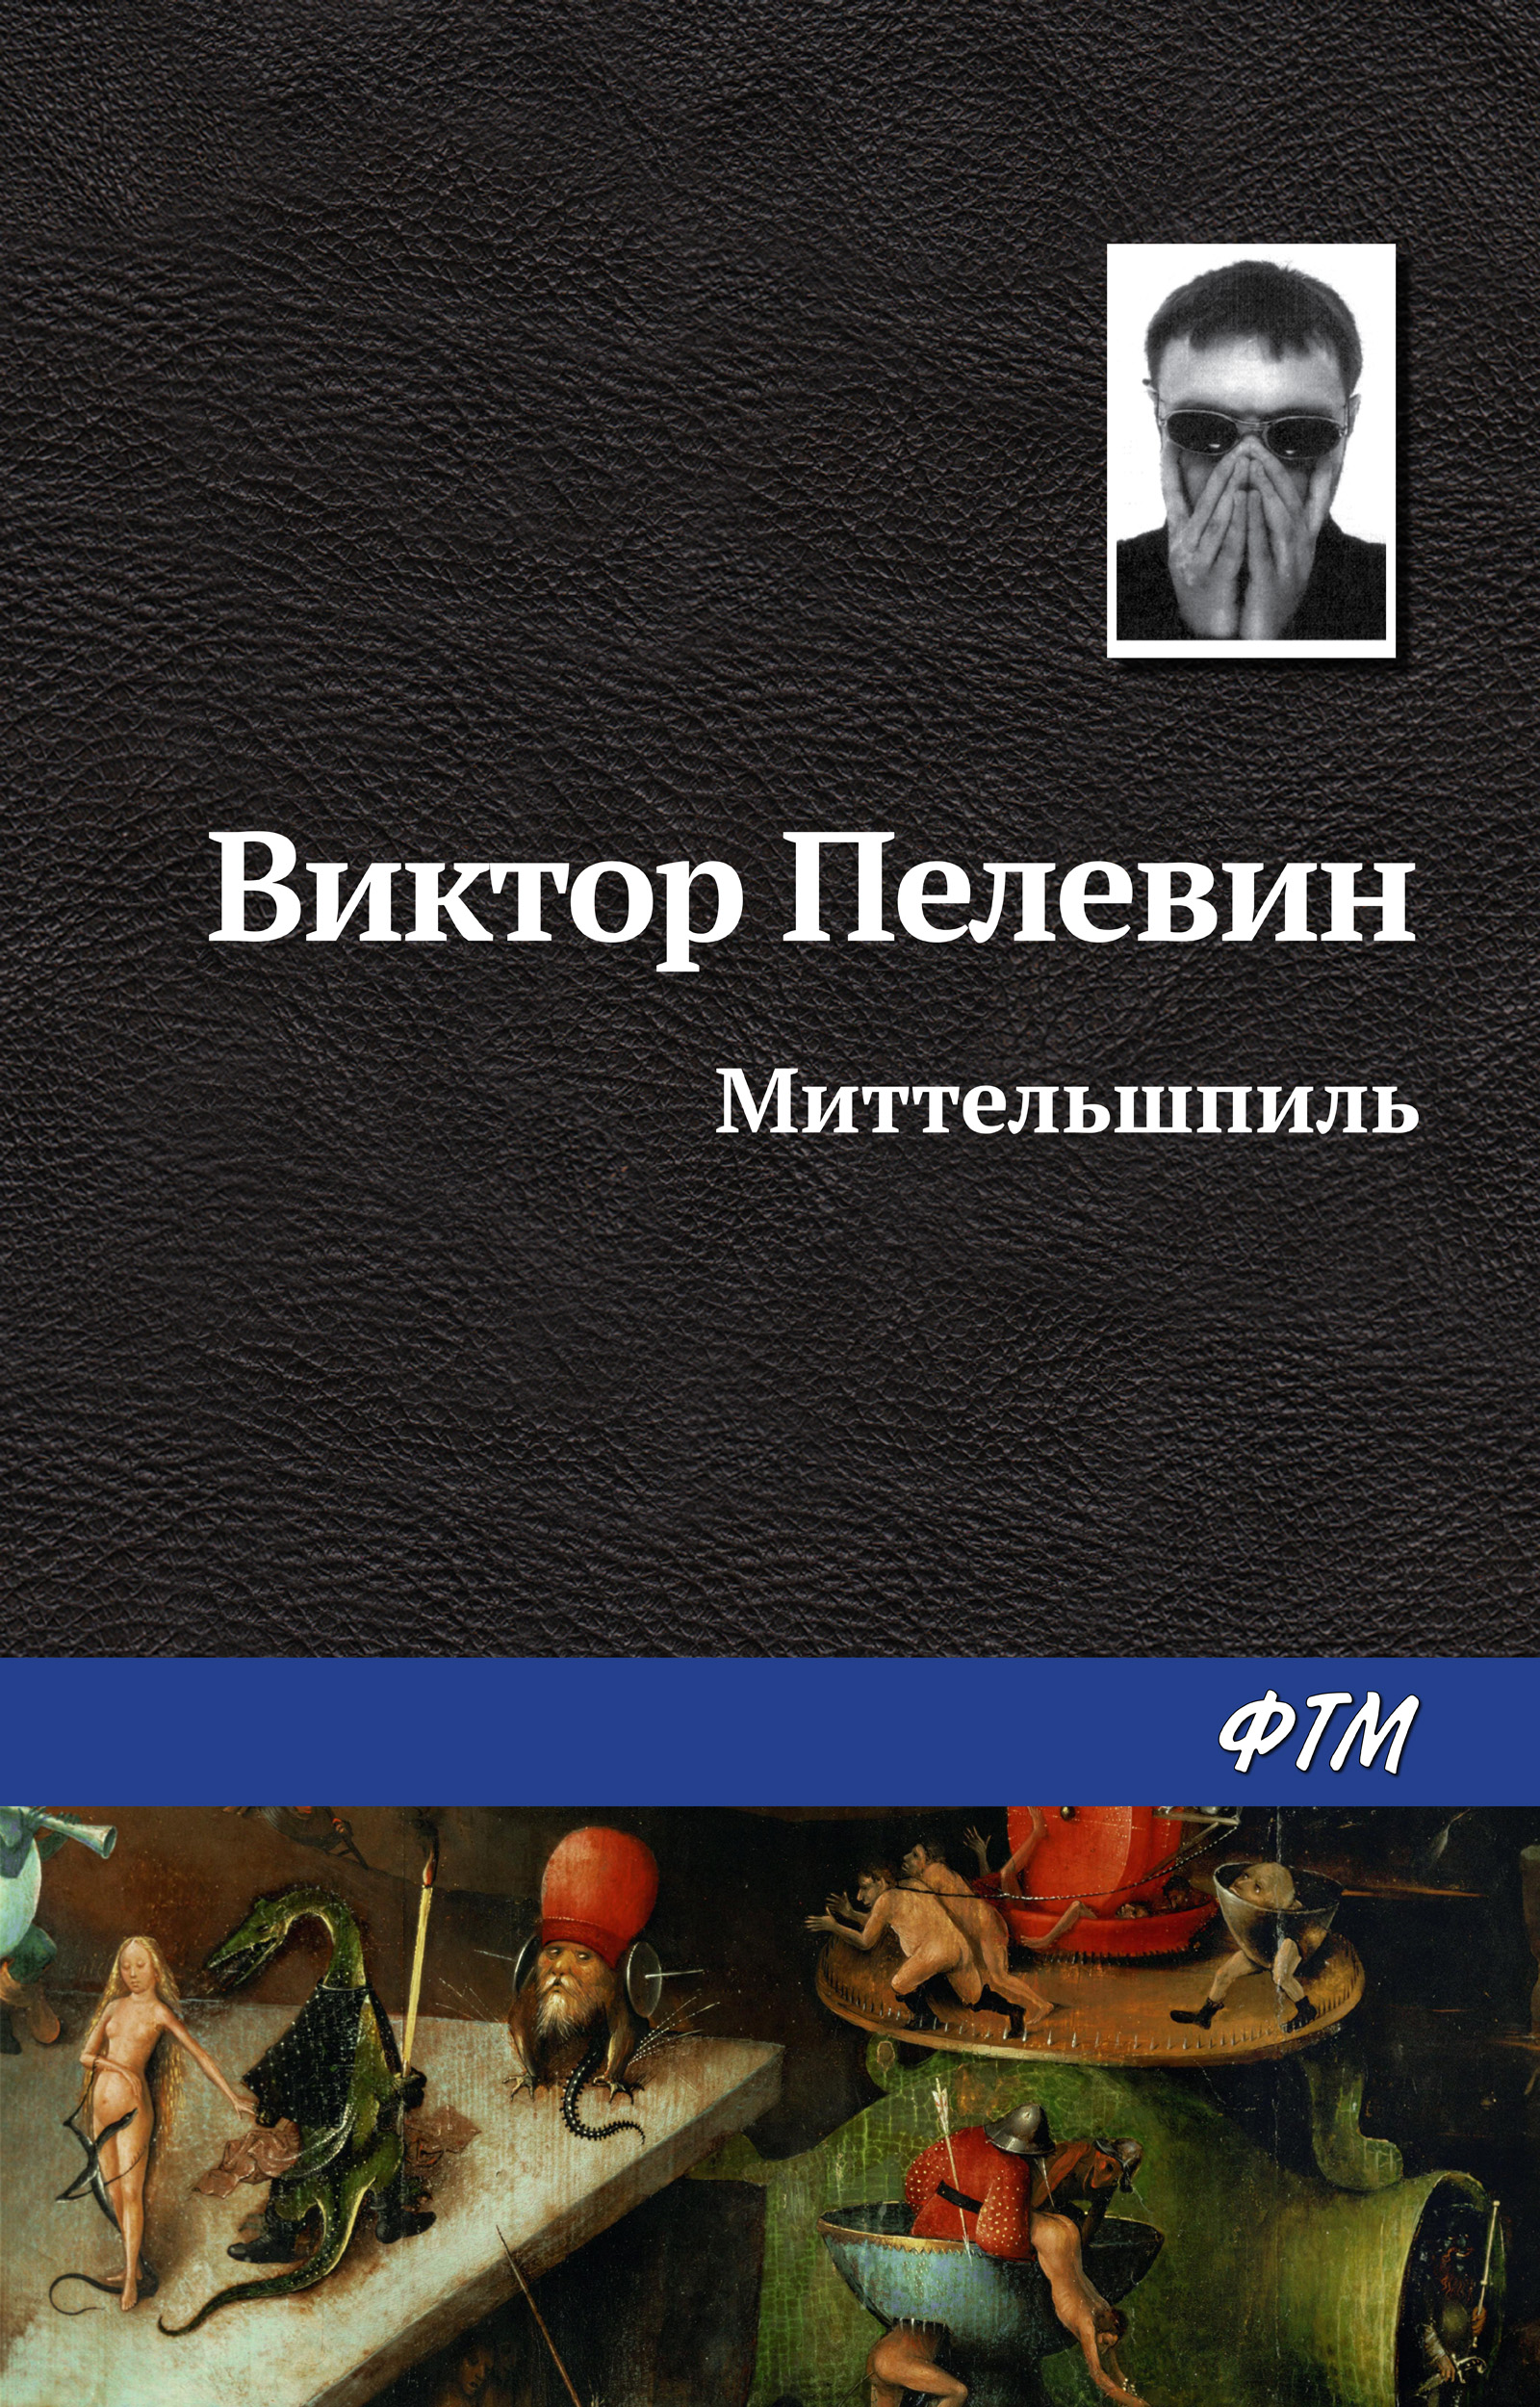 Виктор Пелевин Миттельшпиль виктор пелевин виктор пелевин истории и рассказы